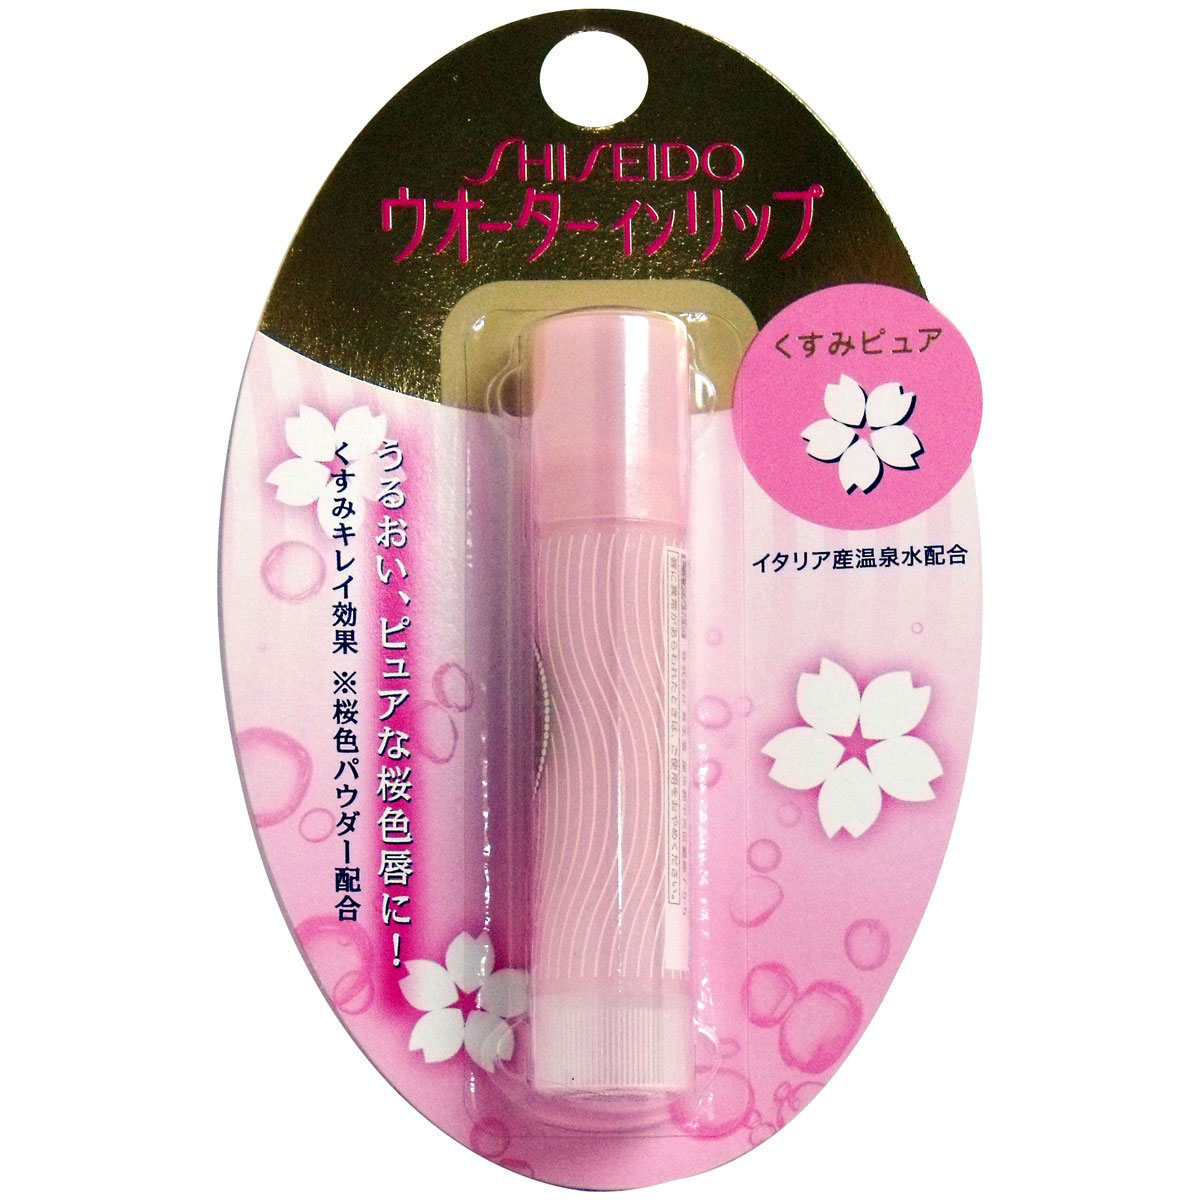 Shiseido Water in Lip